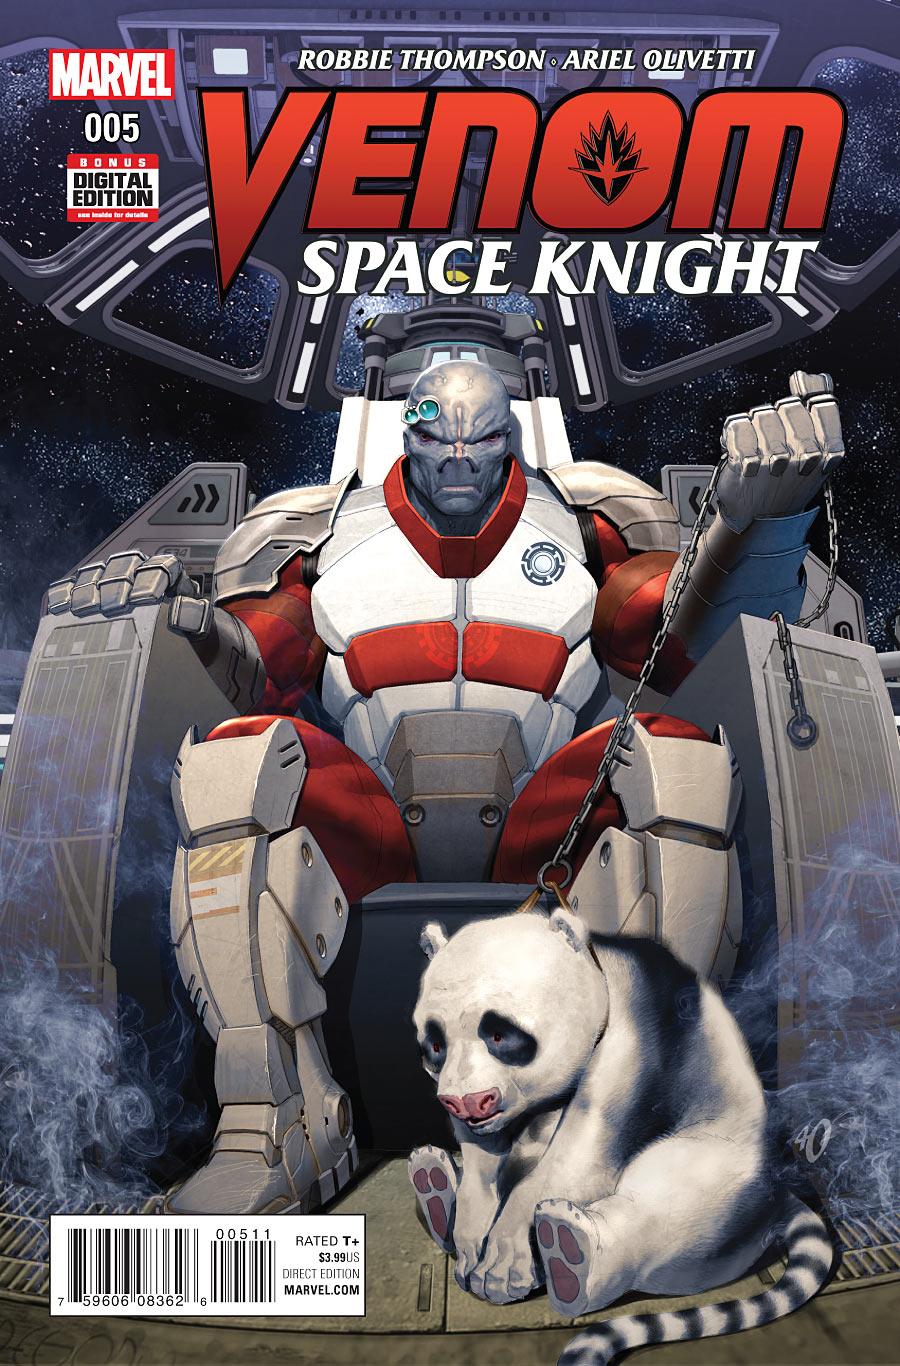 Venom: Space Knight #5